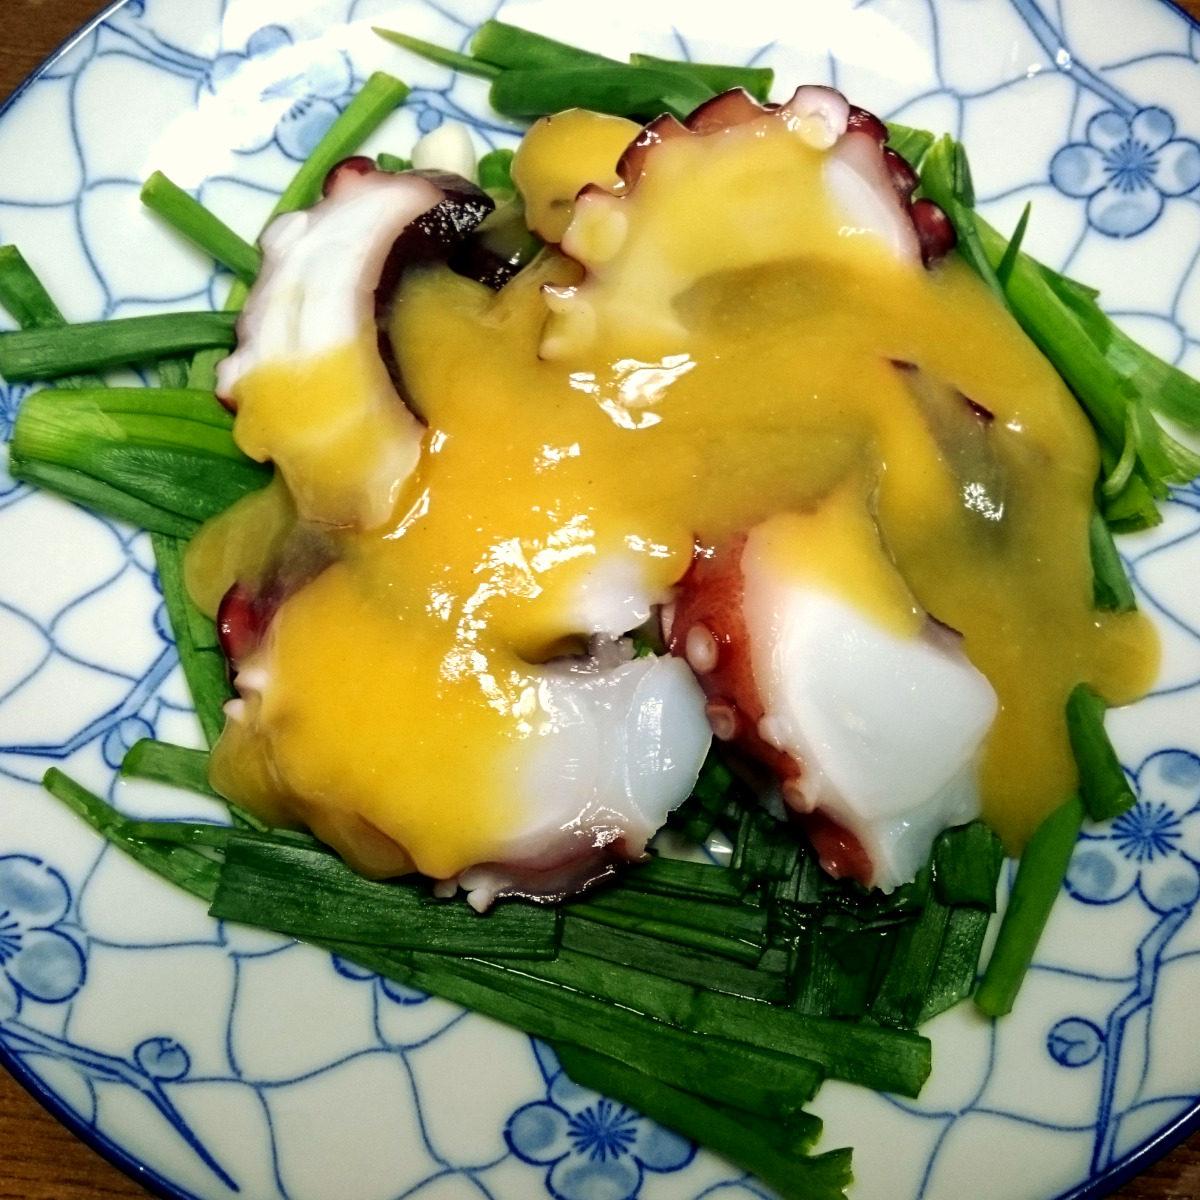 茨木えきまえマルシェ野菜レシピわけぎのぬた